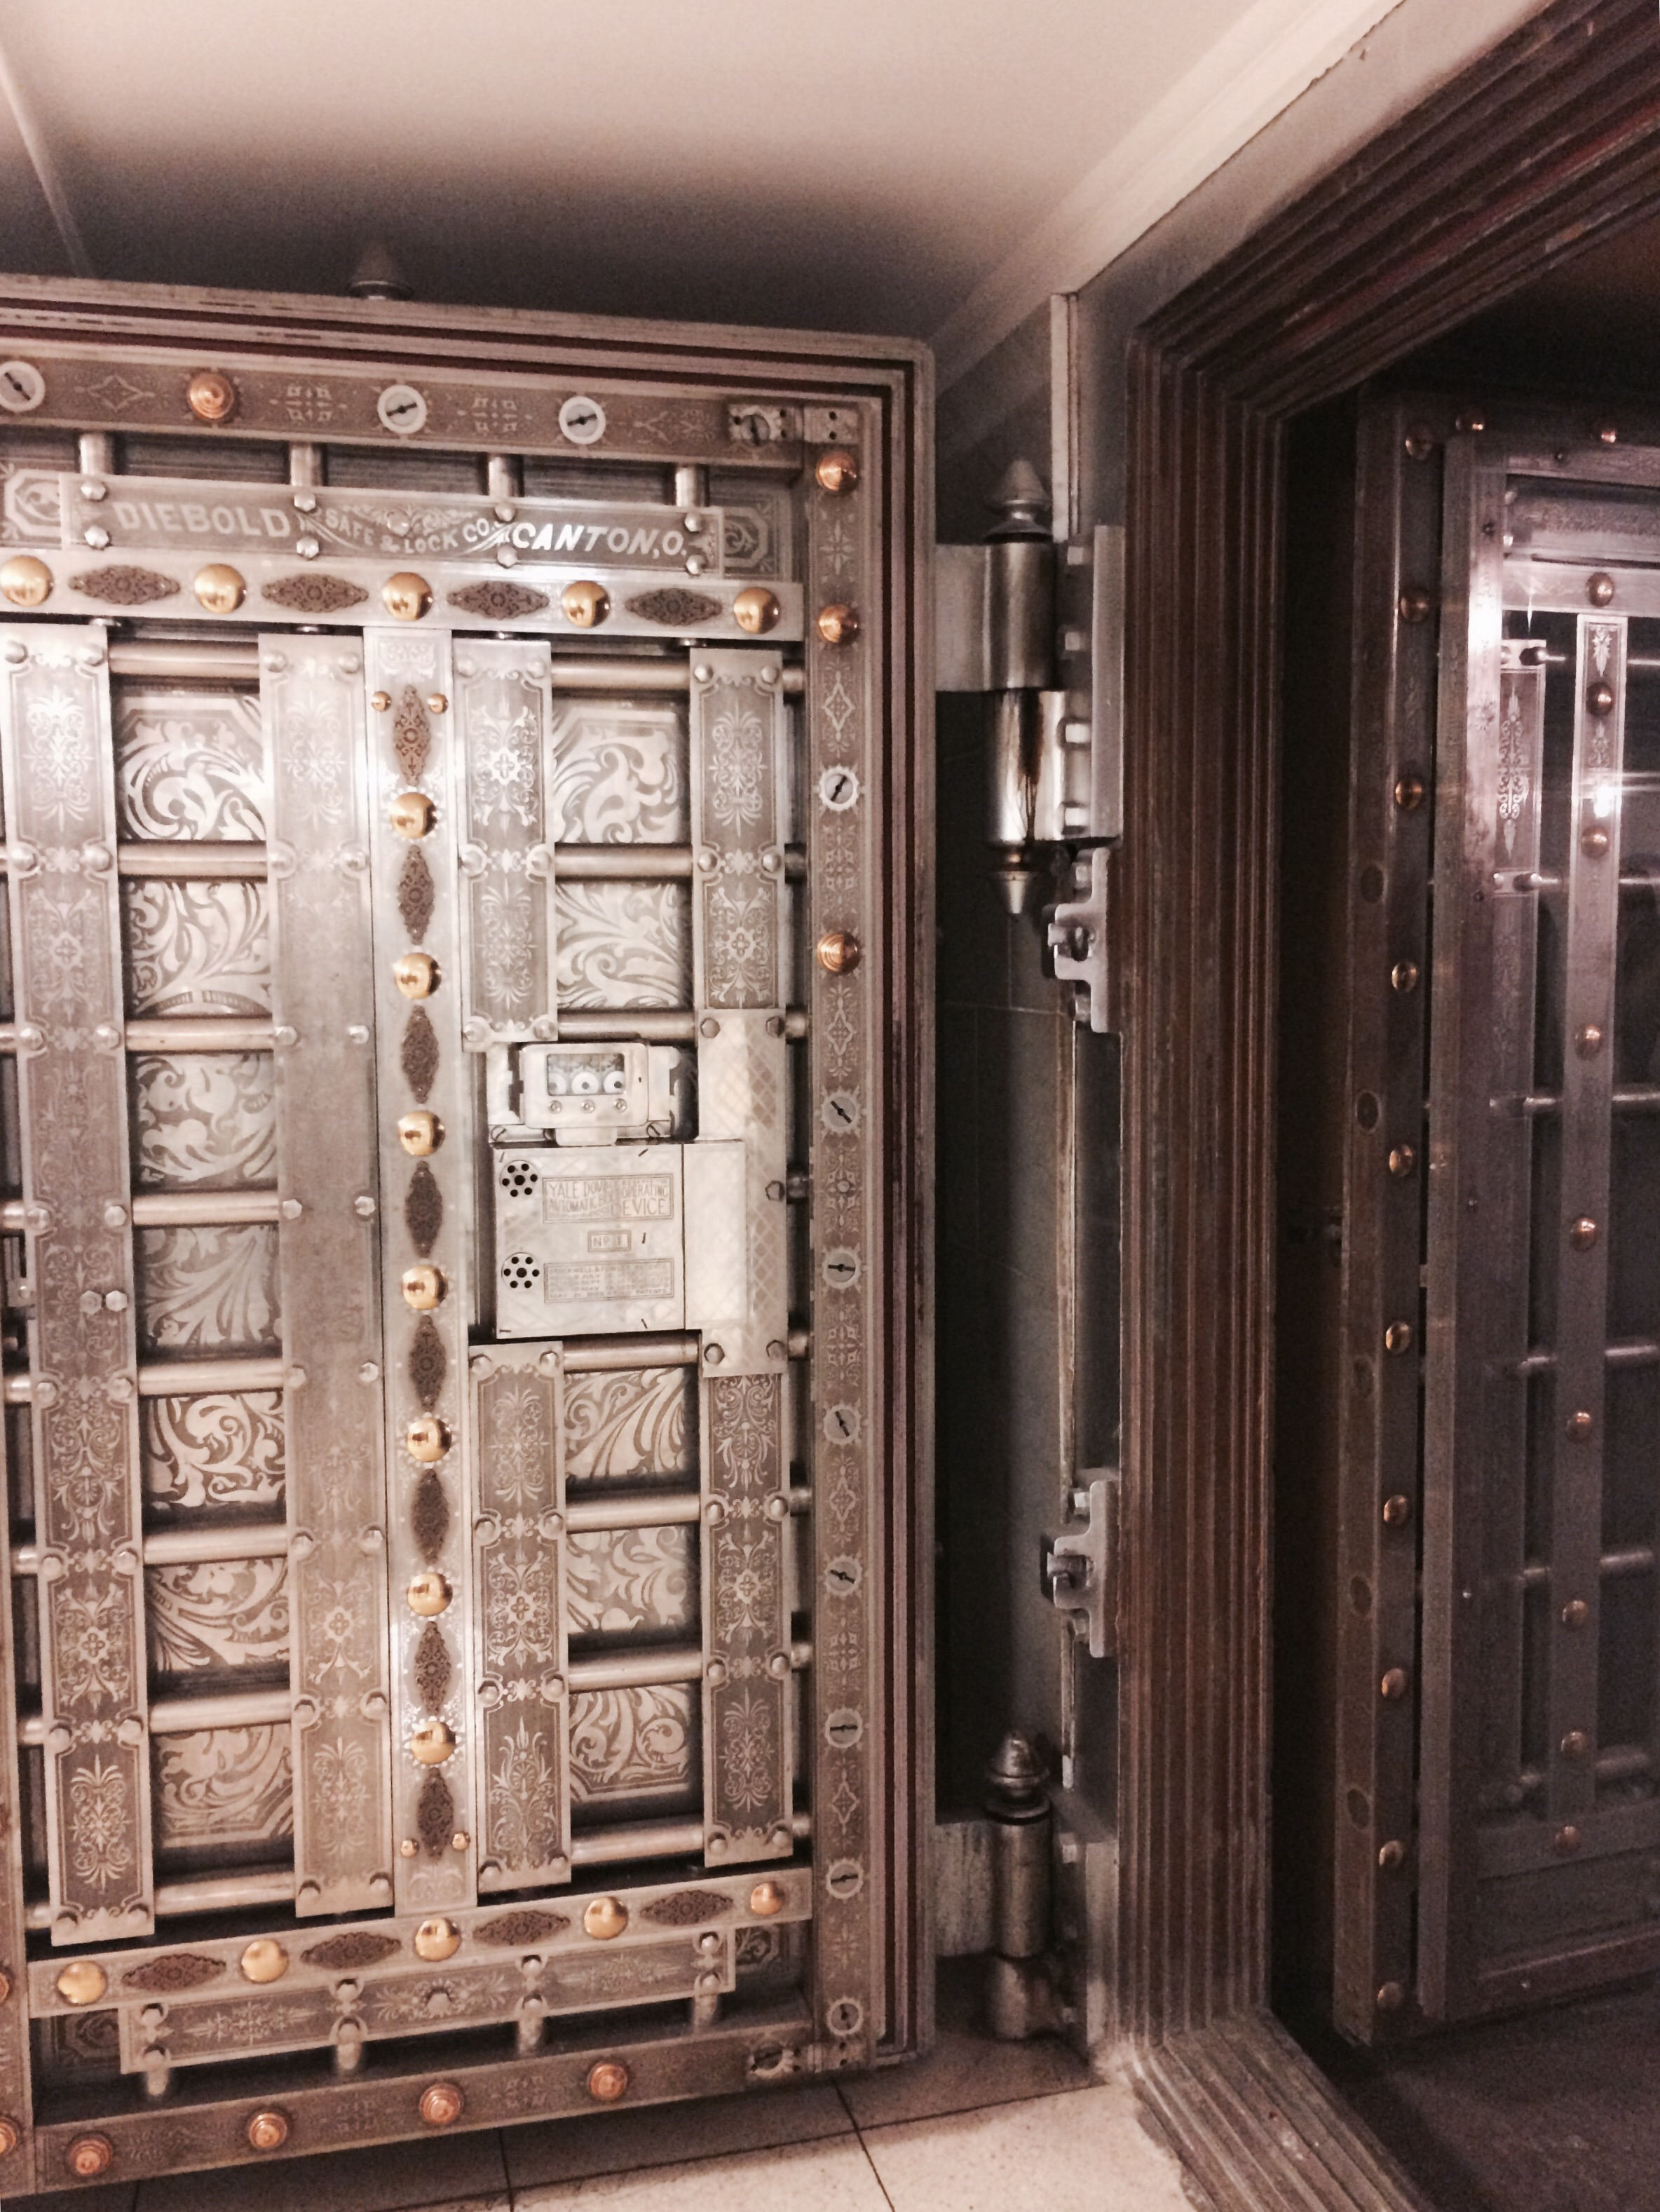 Vault in the basement.